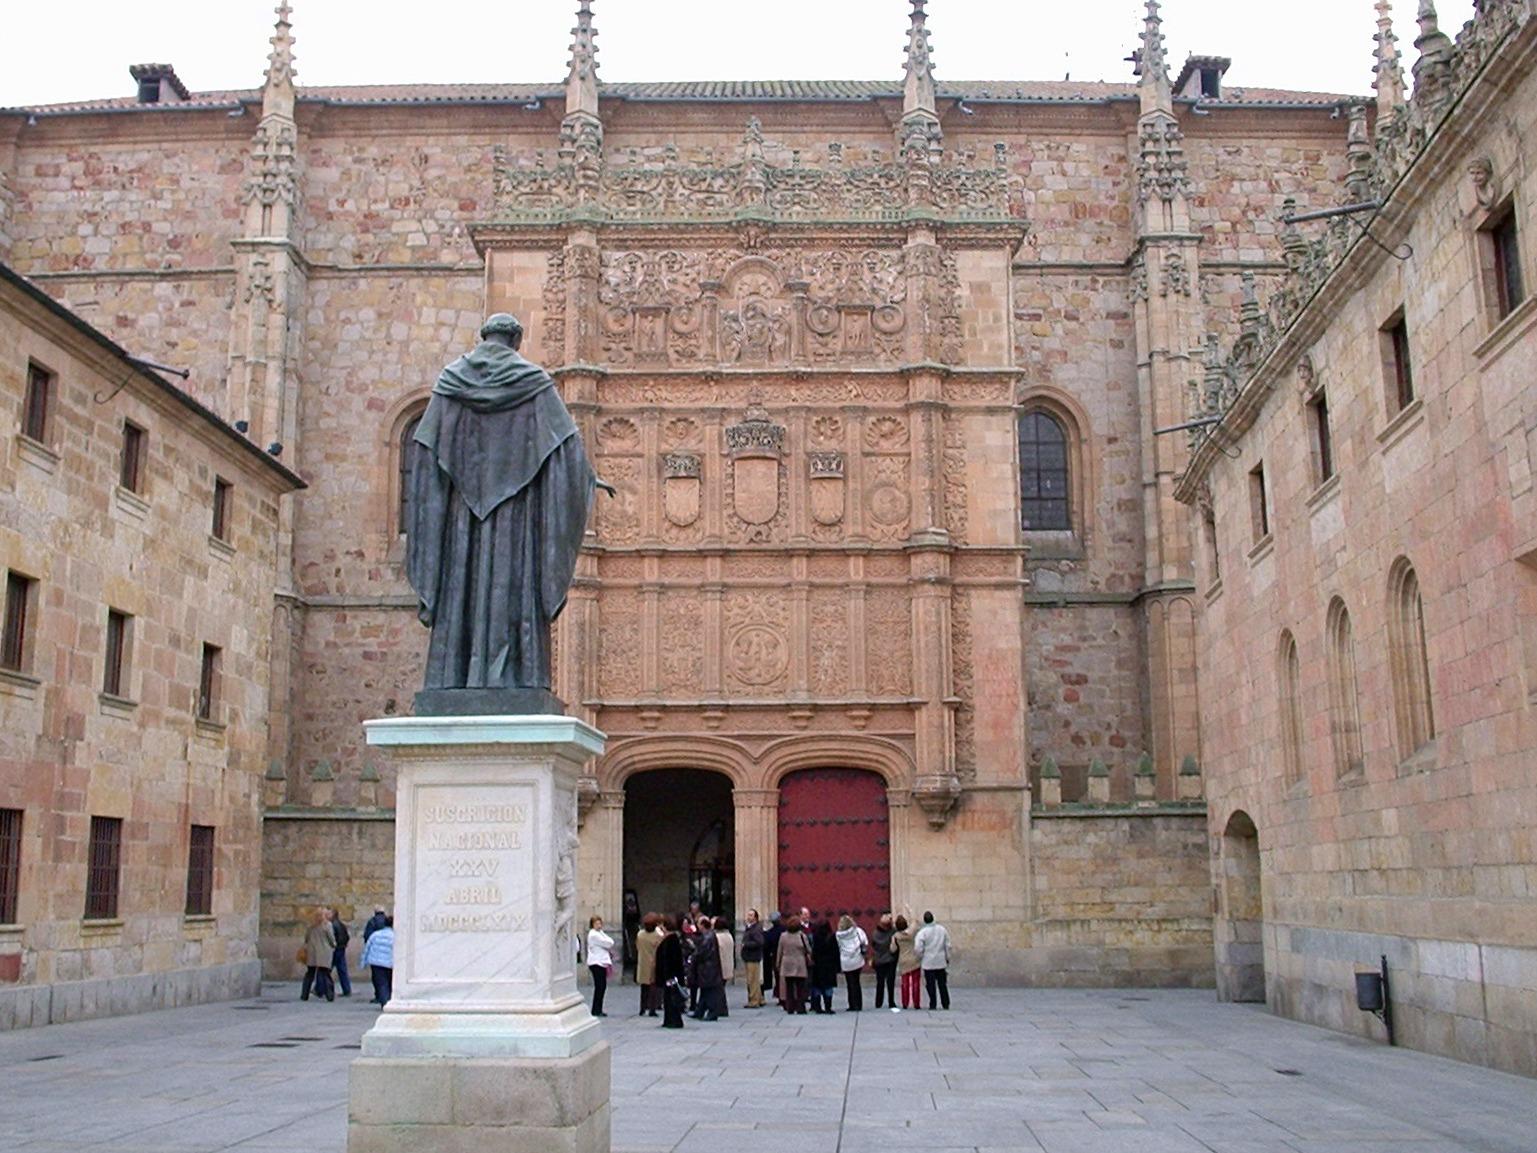 Salamancai egyetem